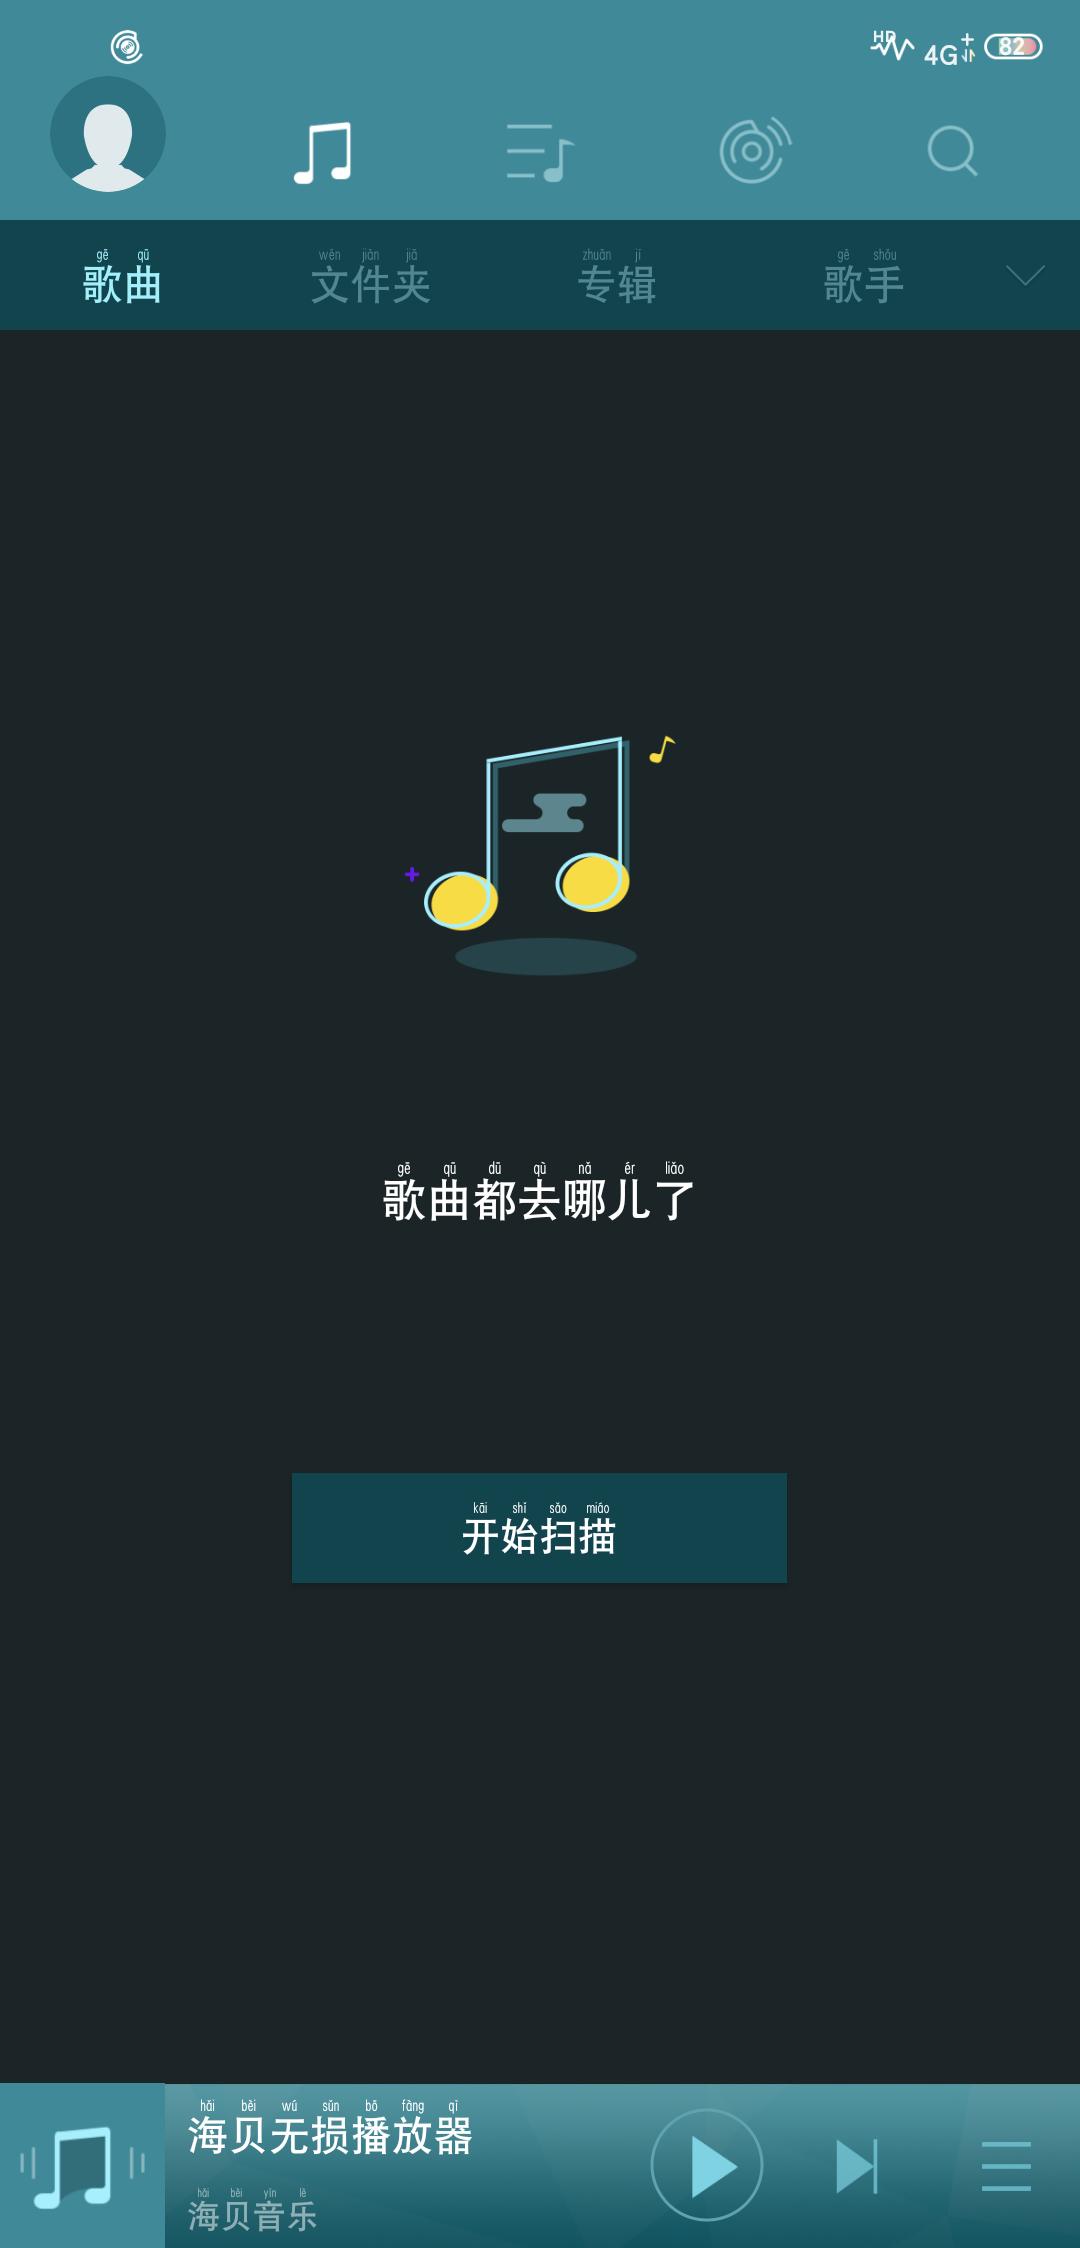 【分享】海贝音乐 无损音乐播放神器、无底噪、兼容所有音乐格式-爱小助